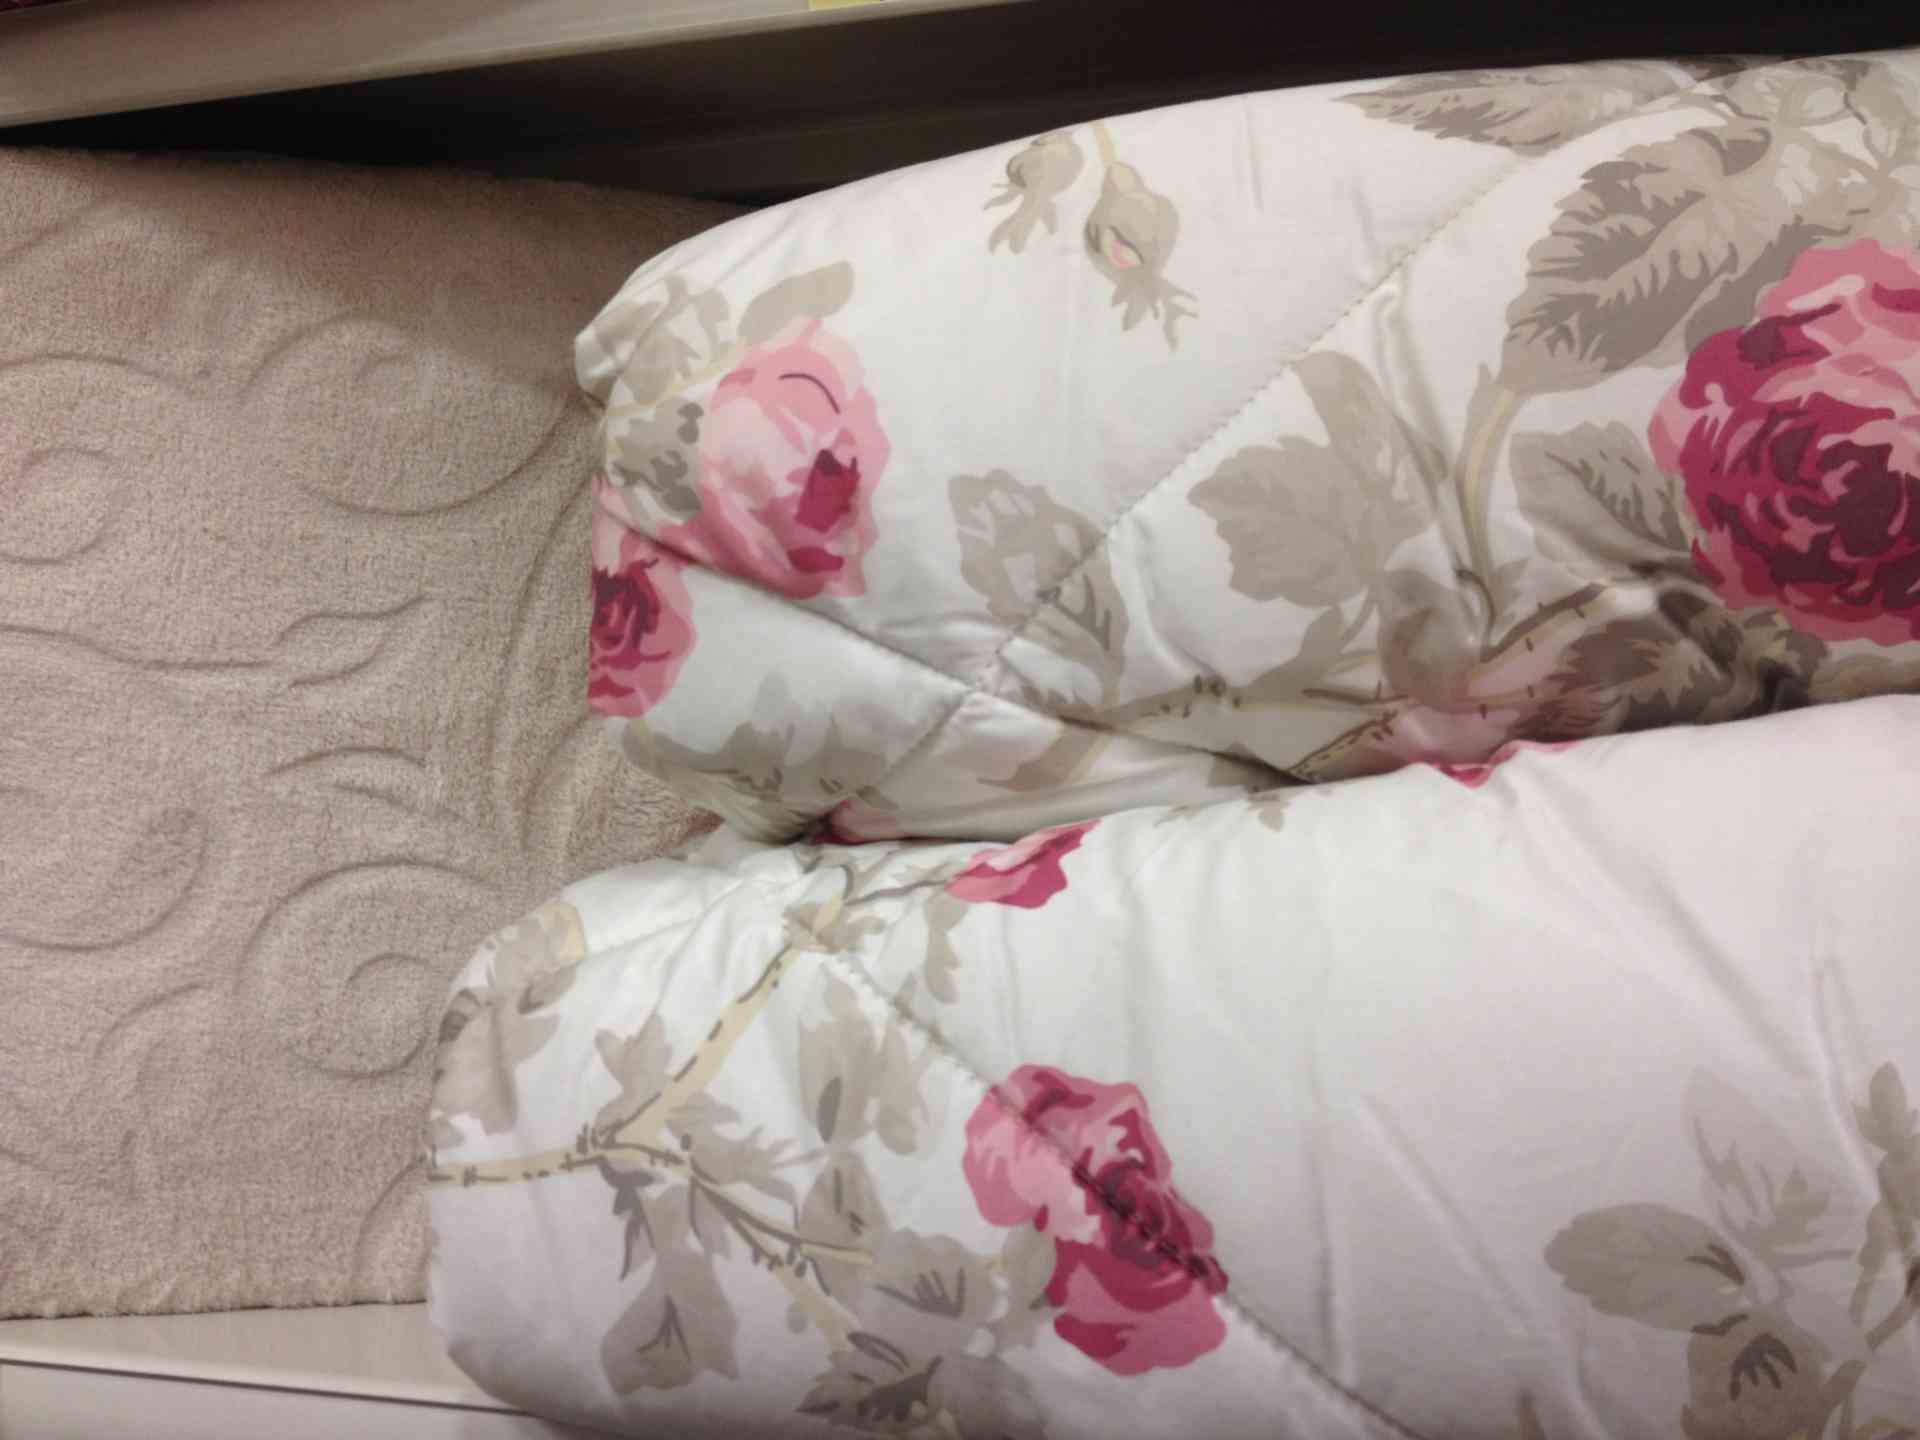 trapunte-camera da letto-innamorati-assisi-foligno